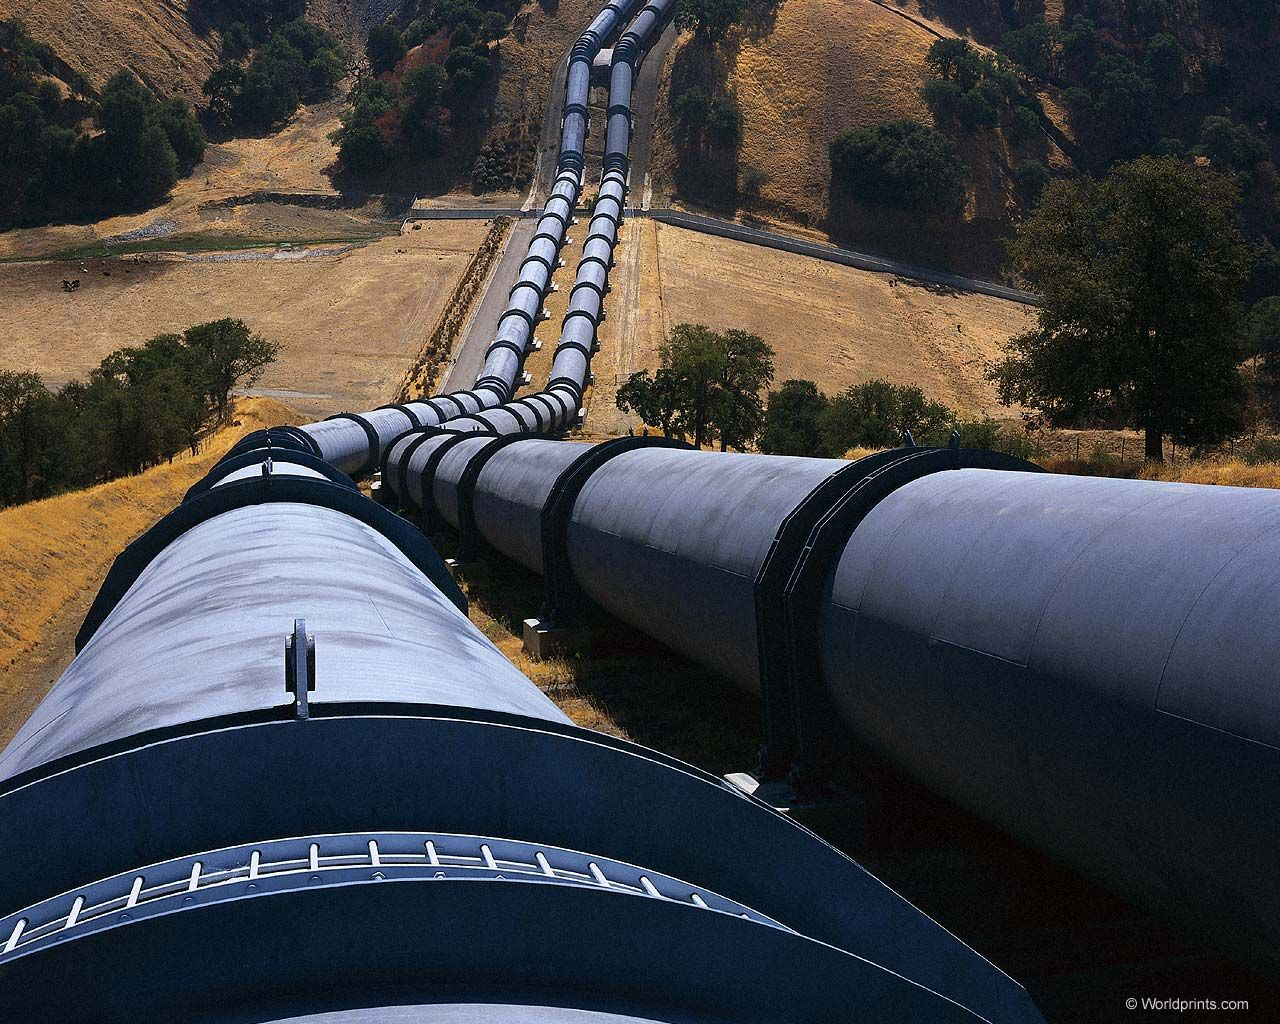 Увеличение мощности нефтепровода в направлении КНР через Казахстан обсуждать рано